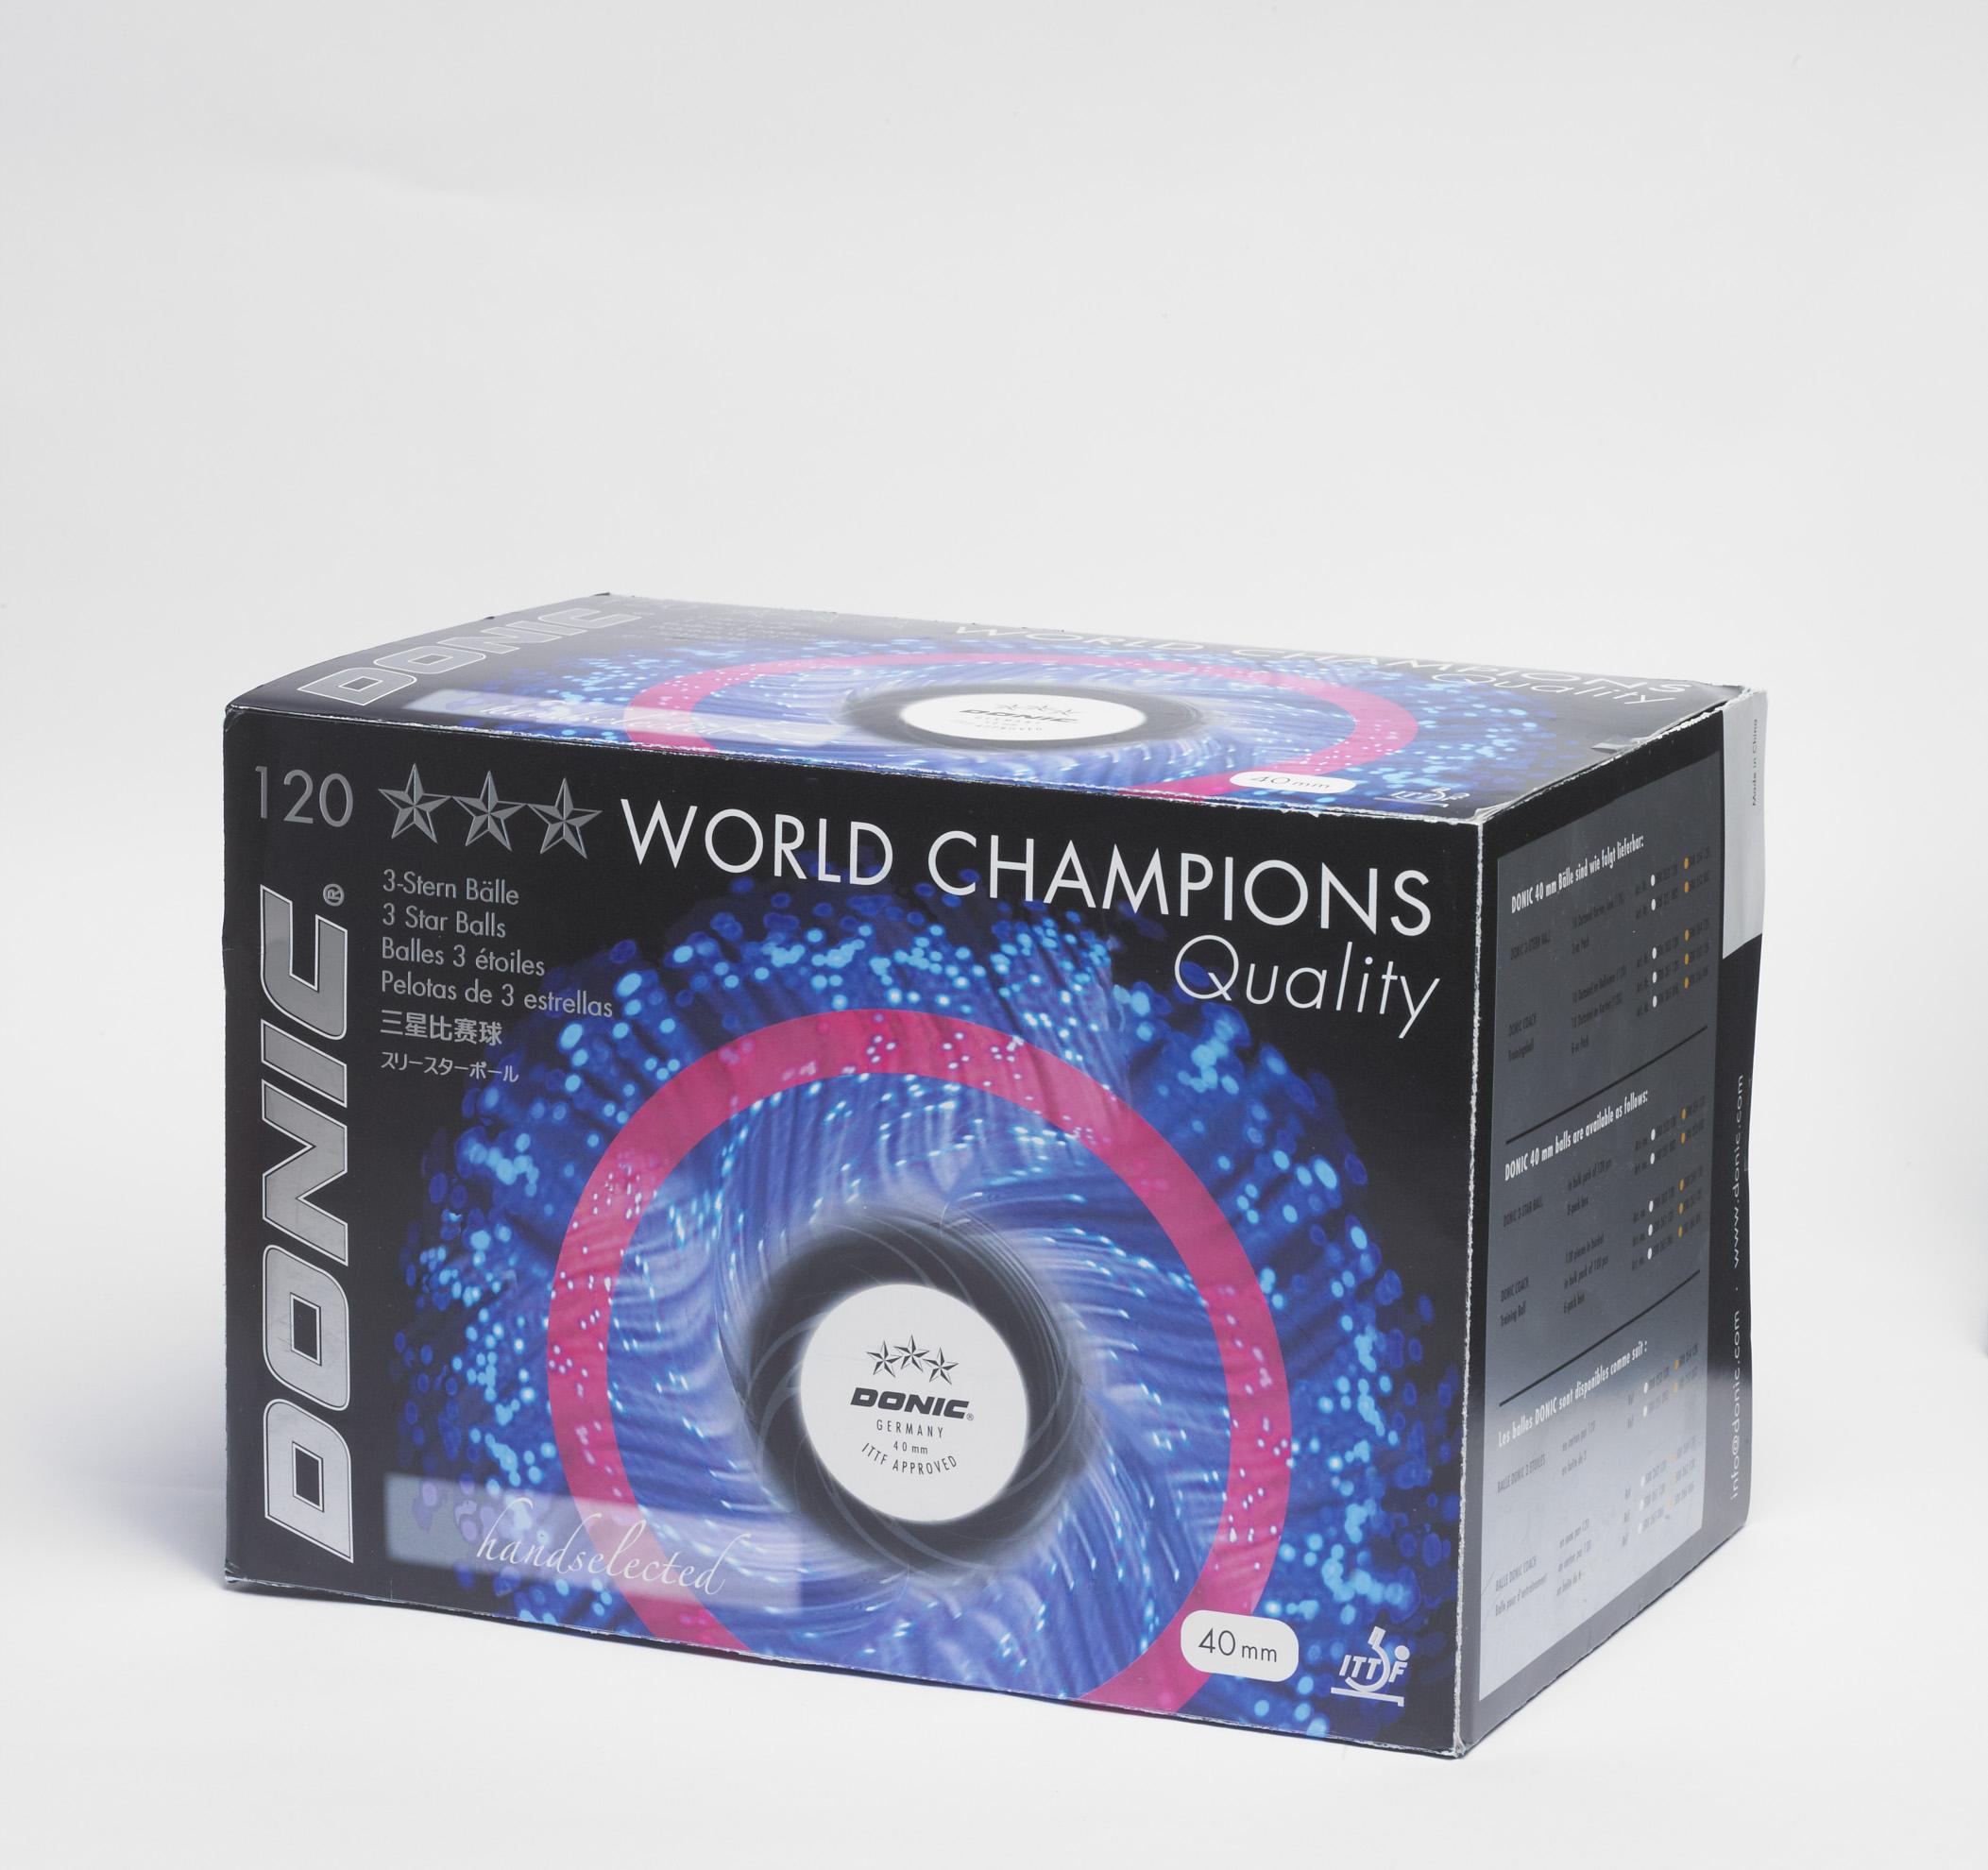 donic-tischtennisballe-3-stern